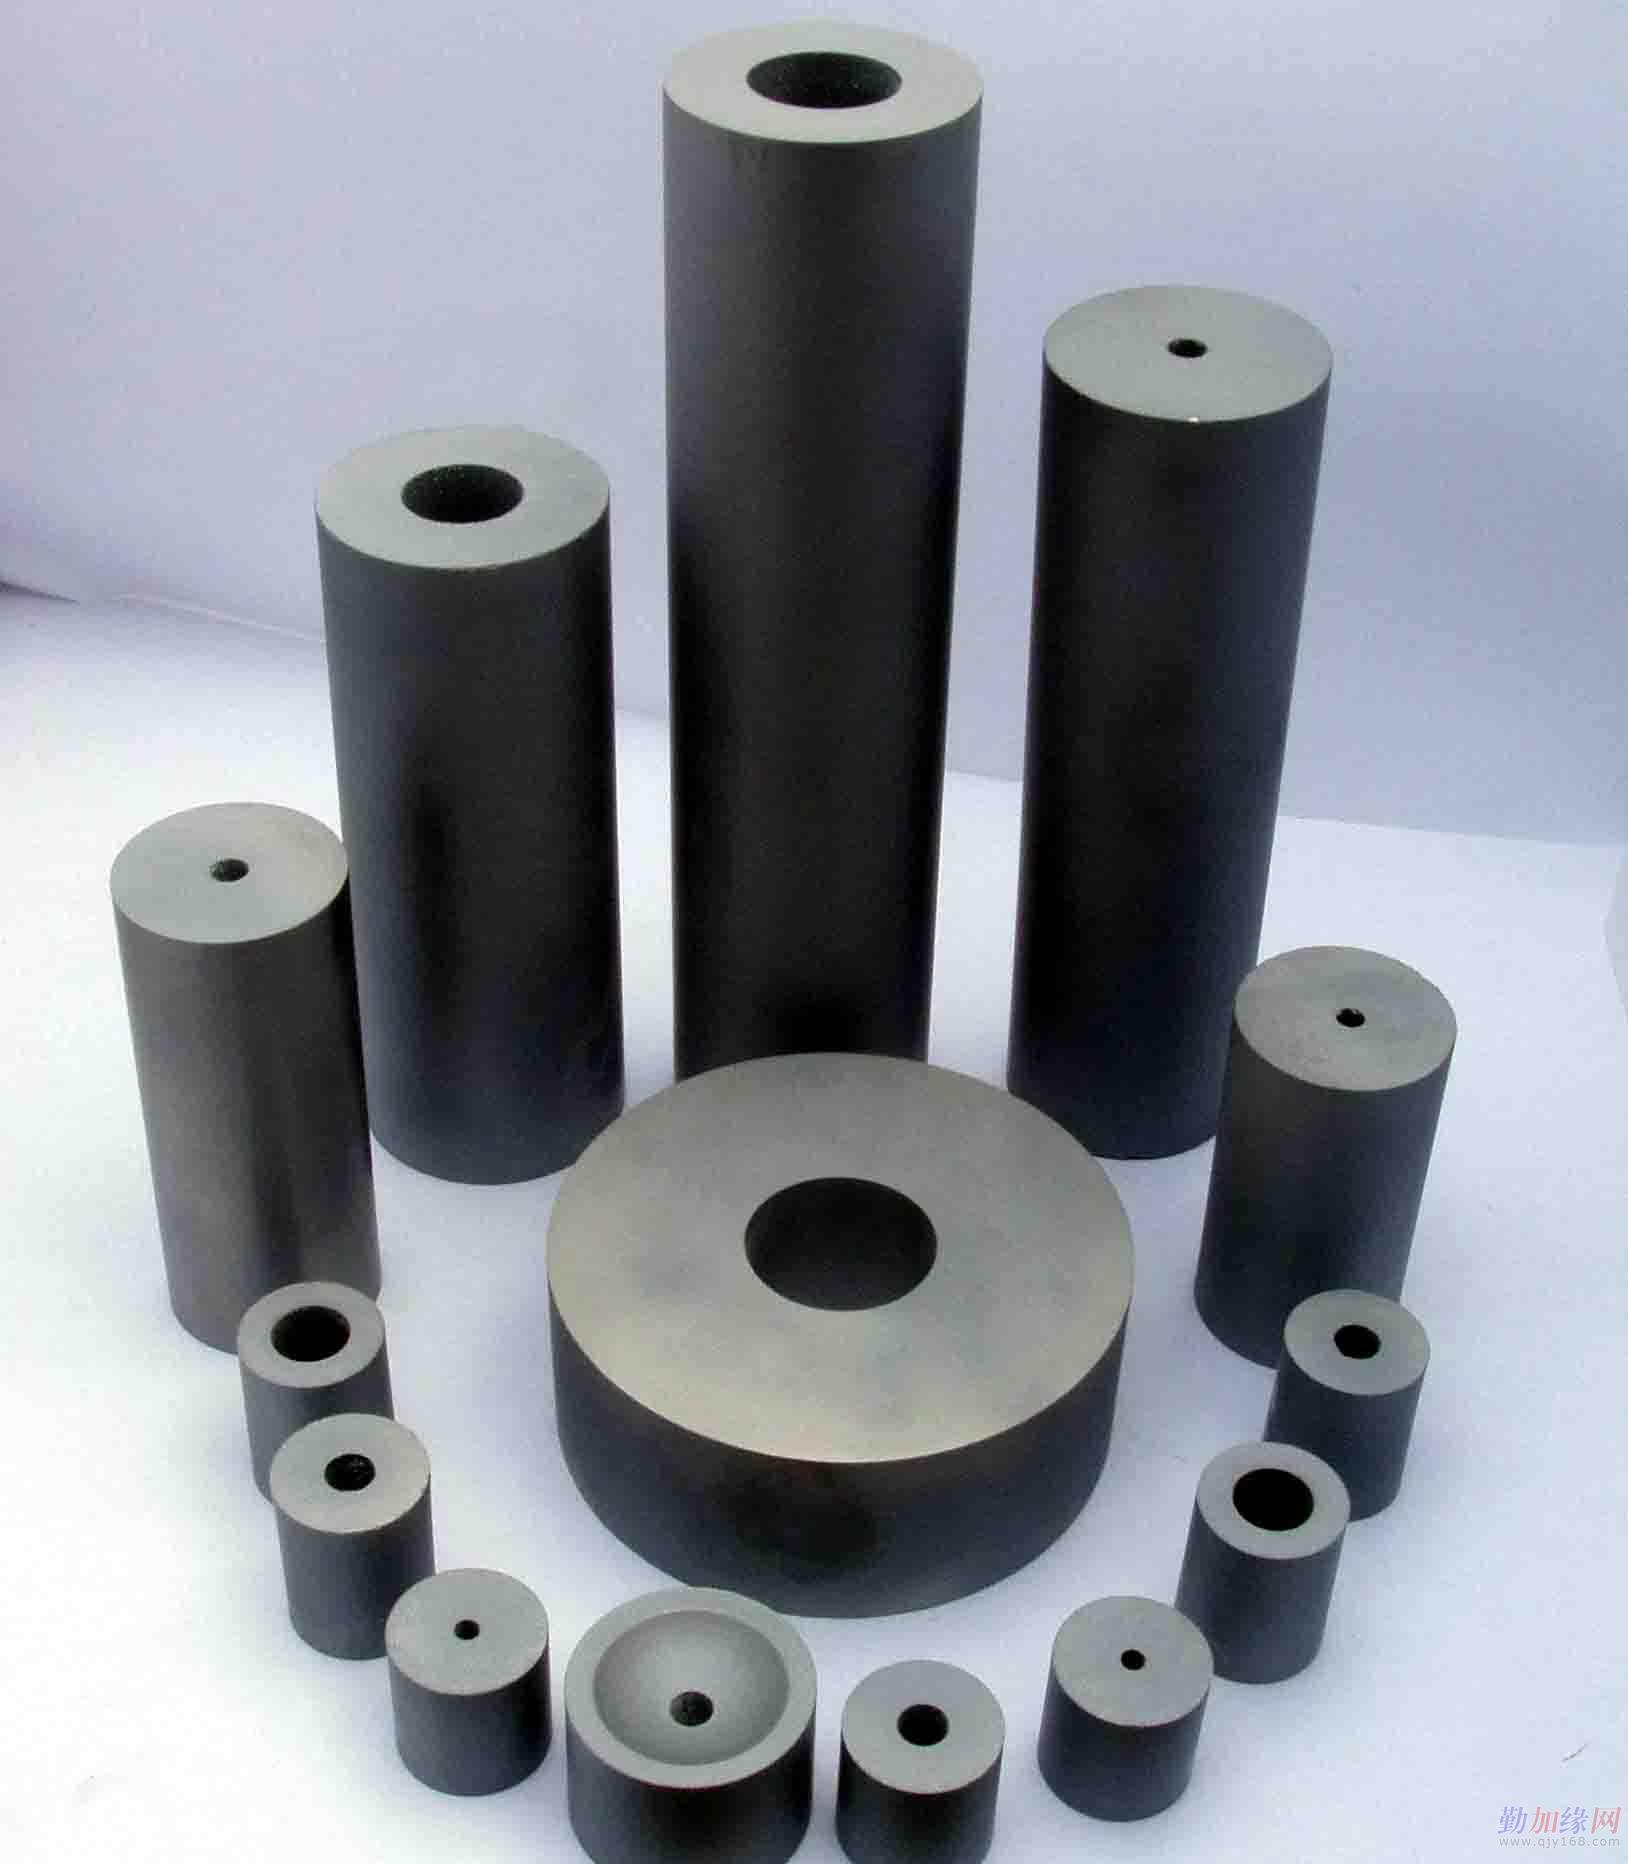 东莞钨钢模具_cd-650美国模具制造进口钨钢长条 进口钨钢长条东莞批发